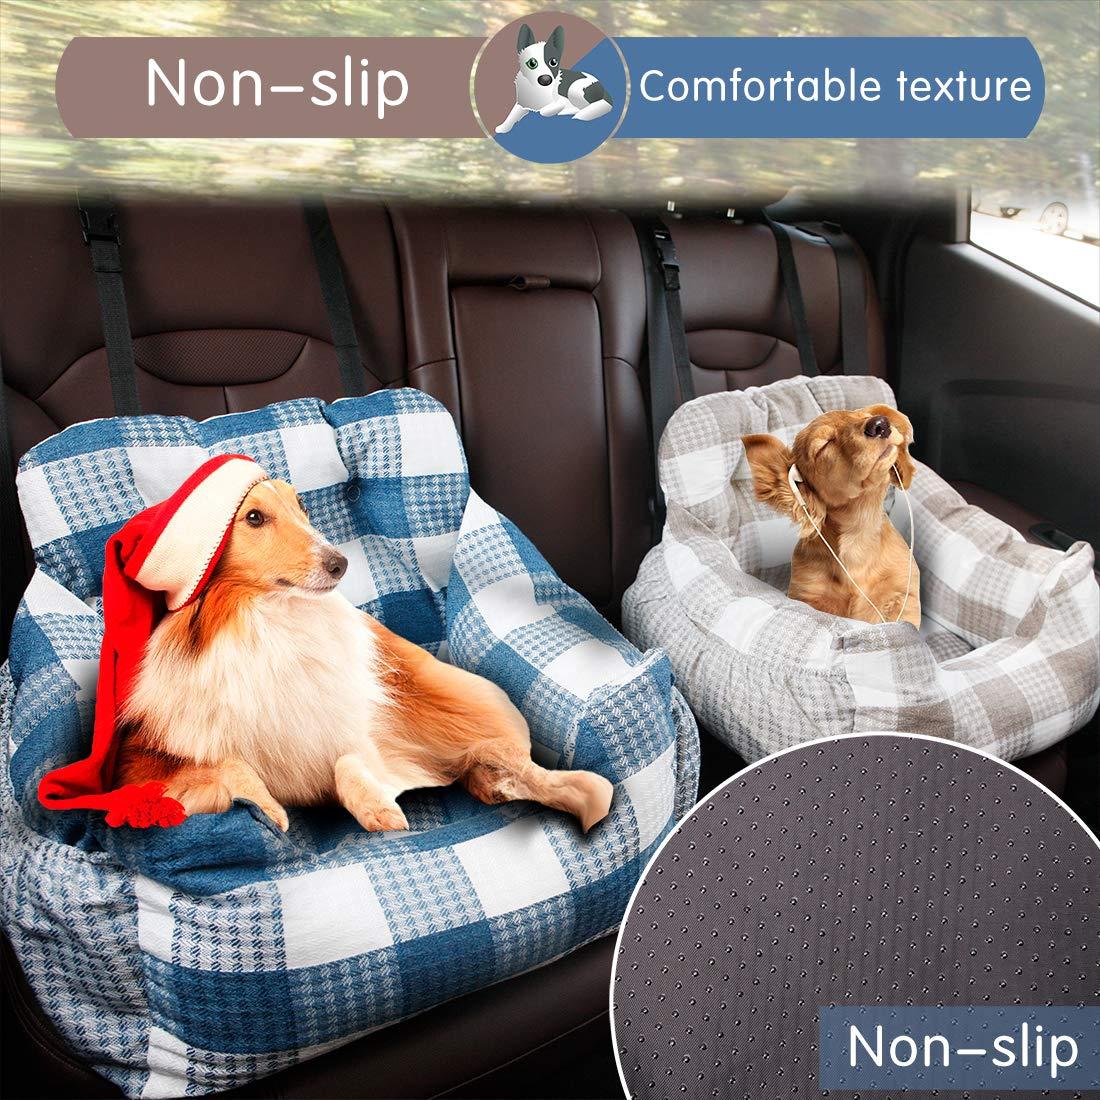 bequem und rutschfest f/ür Jede Art von Auto geeignet superweiche PP-Baumwolle BO/&CHAO Autositz f/ür Hunde hochwertiger Stoff mit Aufbewahrungstasche Sicherheitssitz f/ür Haustiere